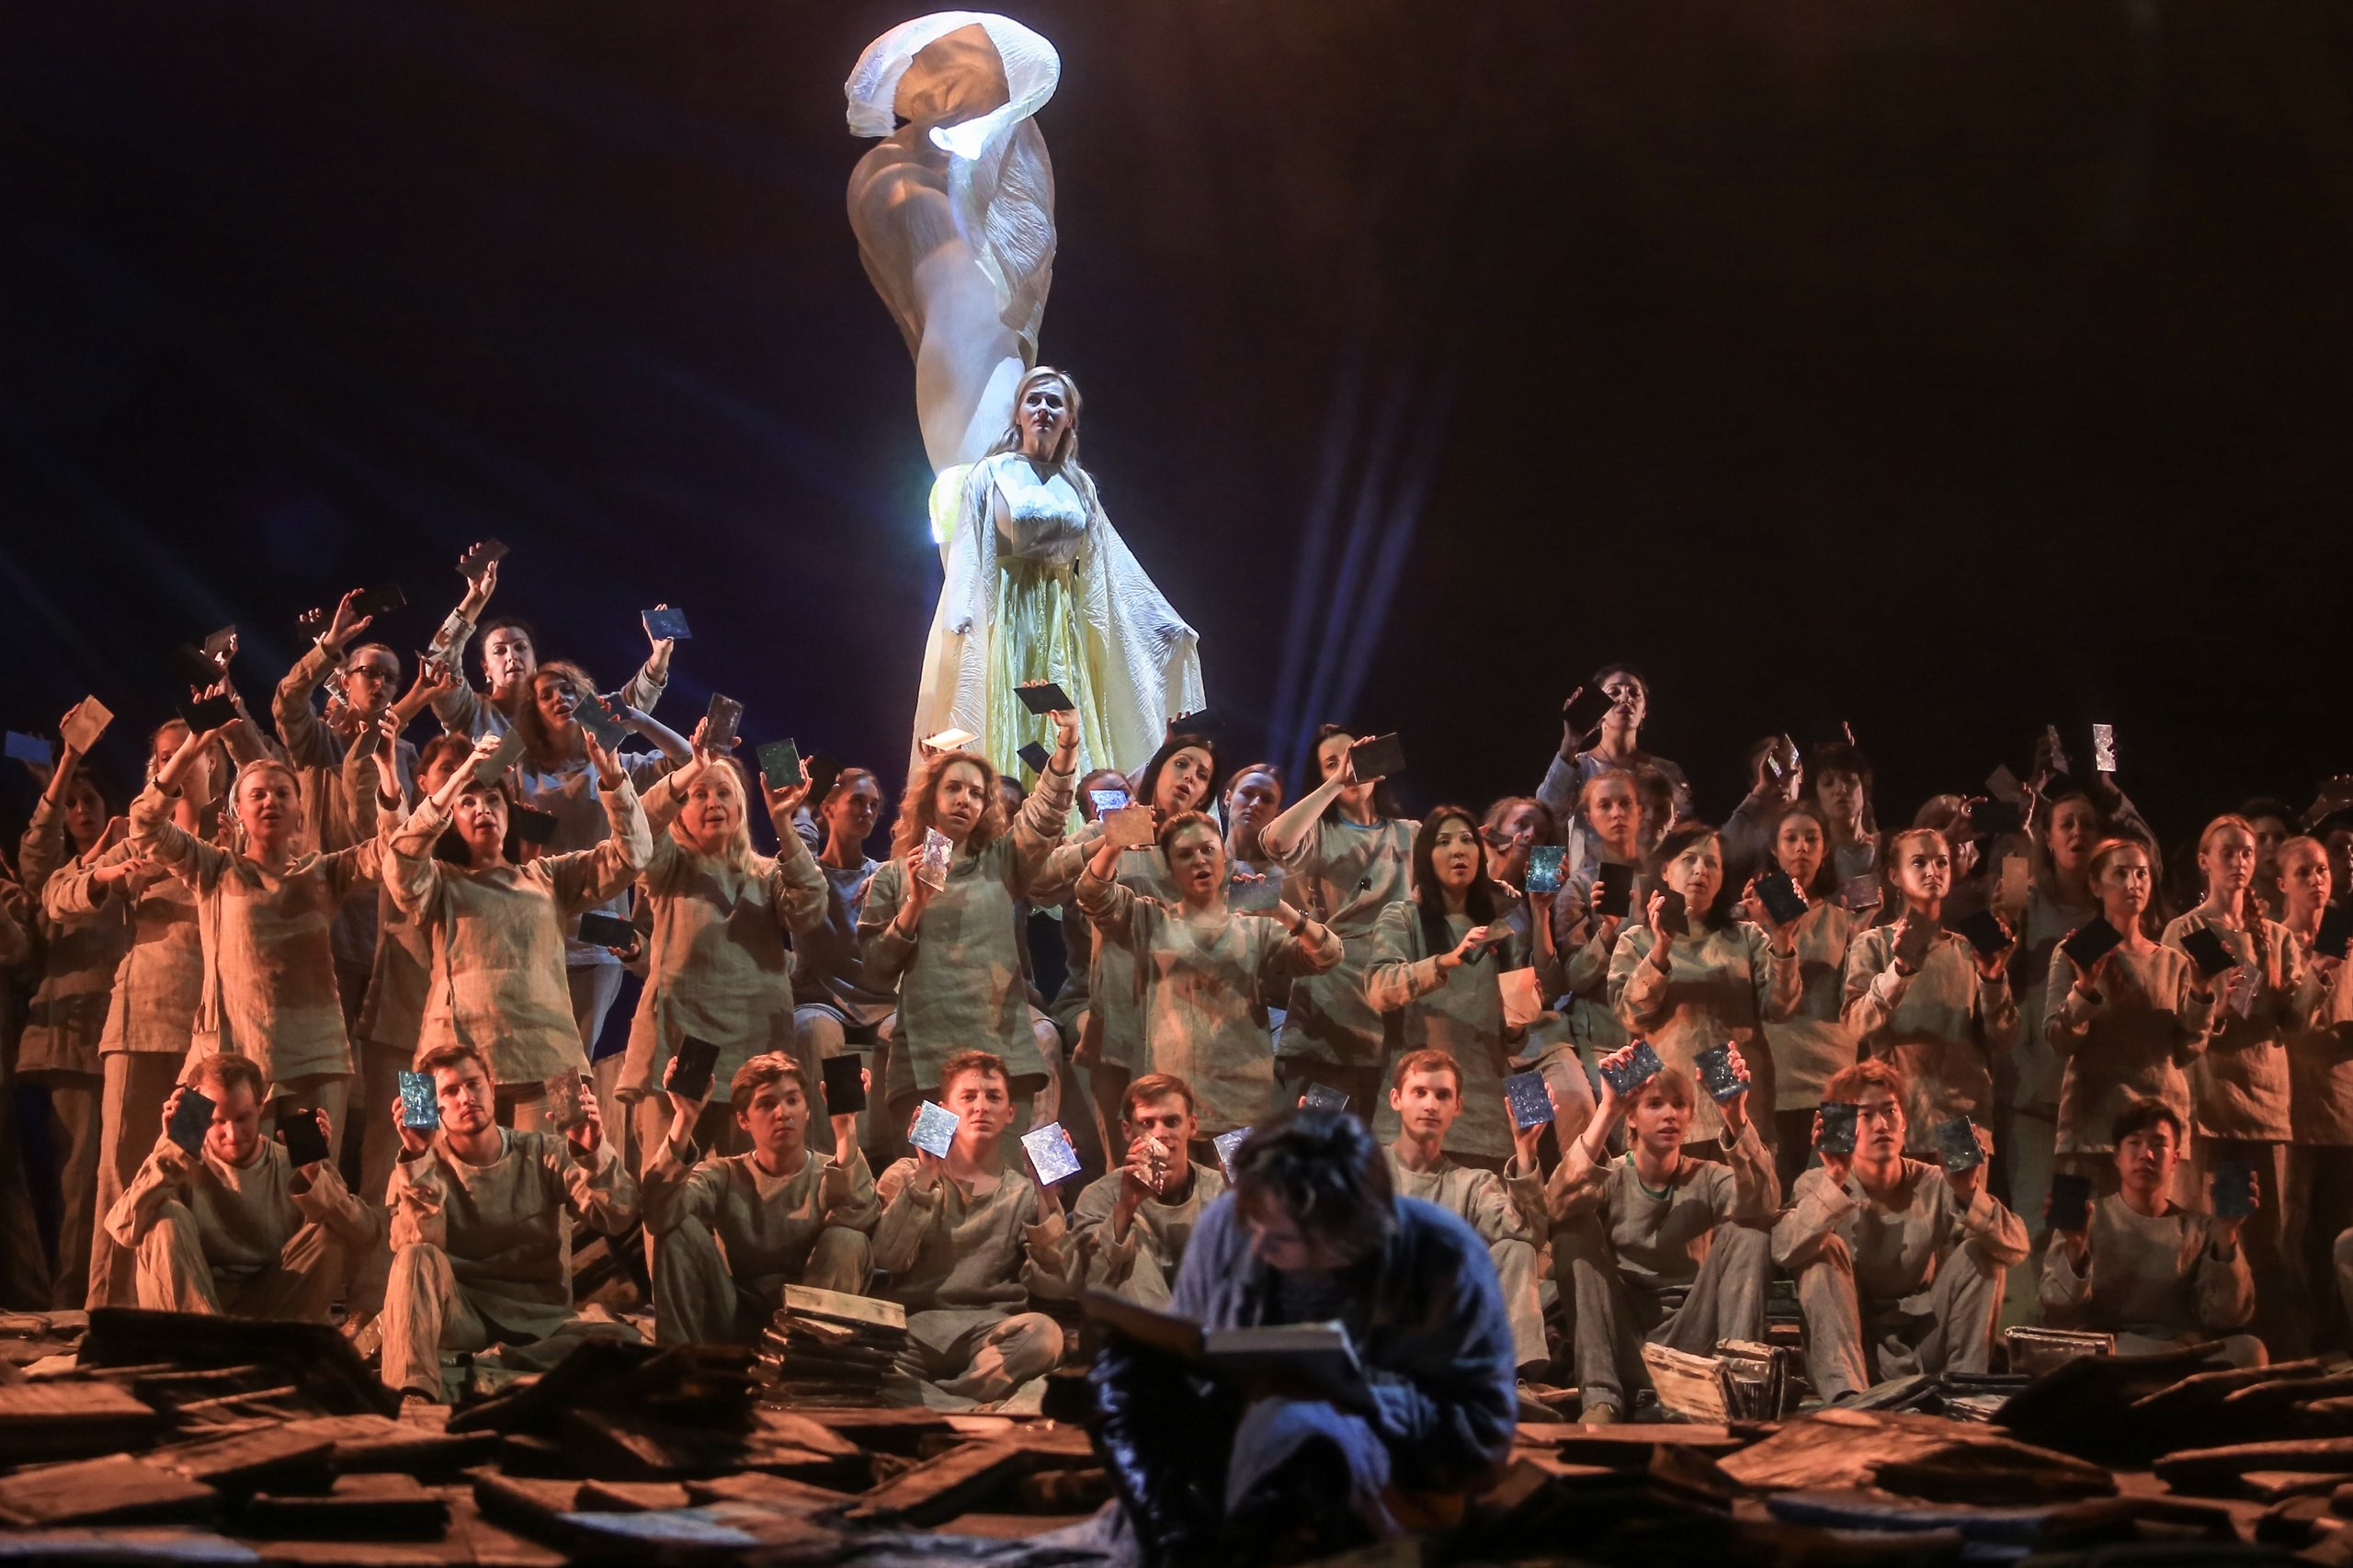 Труппа Астраханского театра оперы и балета вернулась с гастролей из Красноярска